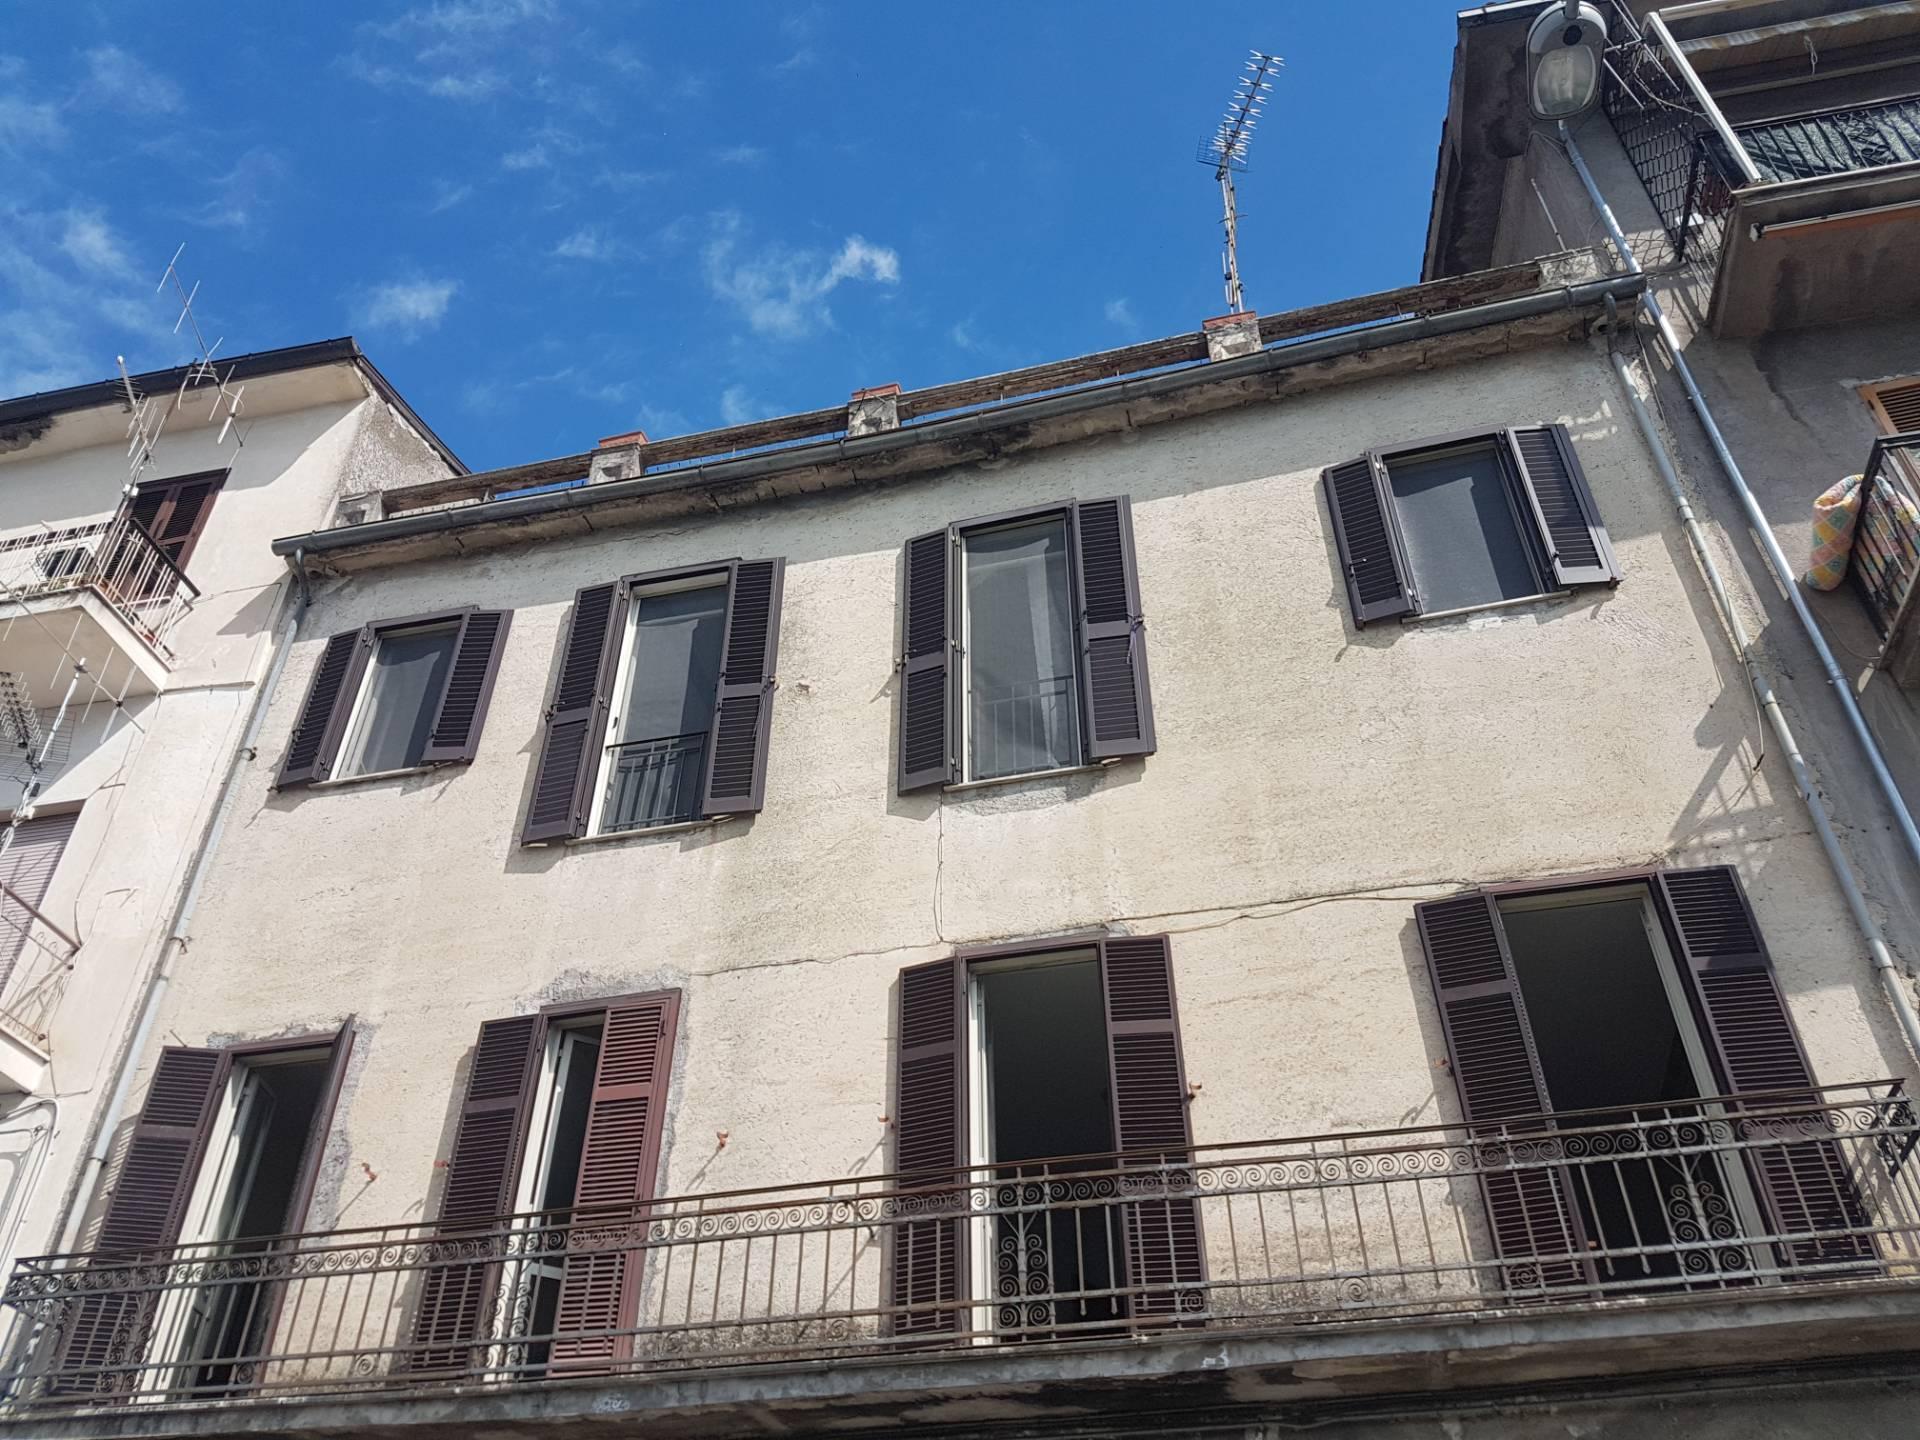 Appartamento in vendita a Arpino, 6 locali, prezzo € 98.000 | PortaleAgenzieImmobiliari.it